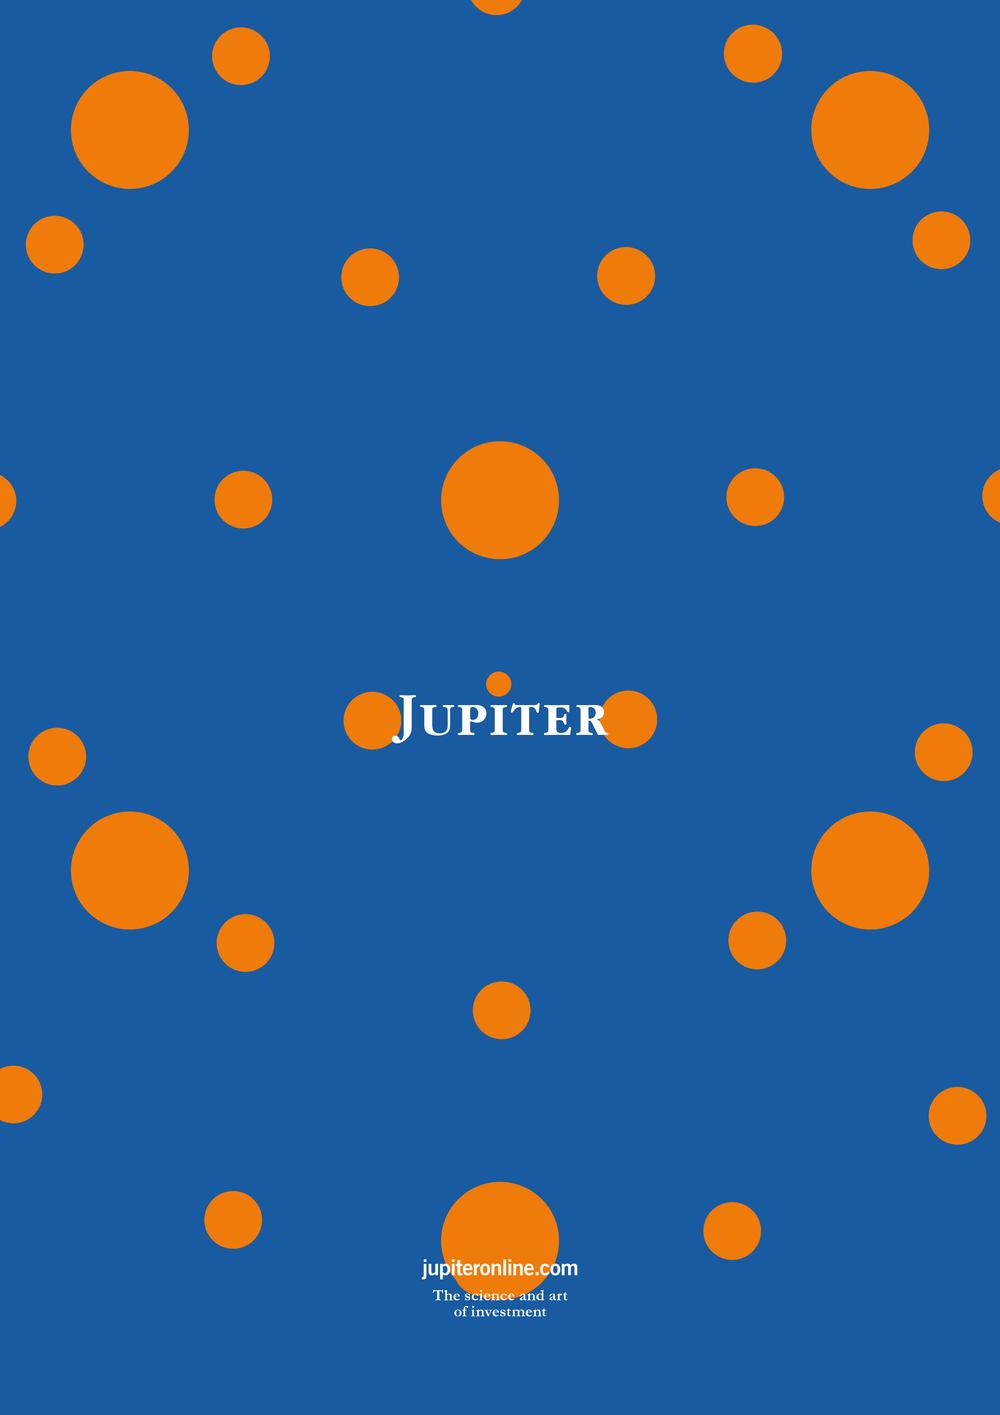 DIRK VAN DOOREN_Jupiter Asset Management- - Rebrand Overview v2-01.png x.png